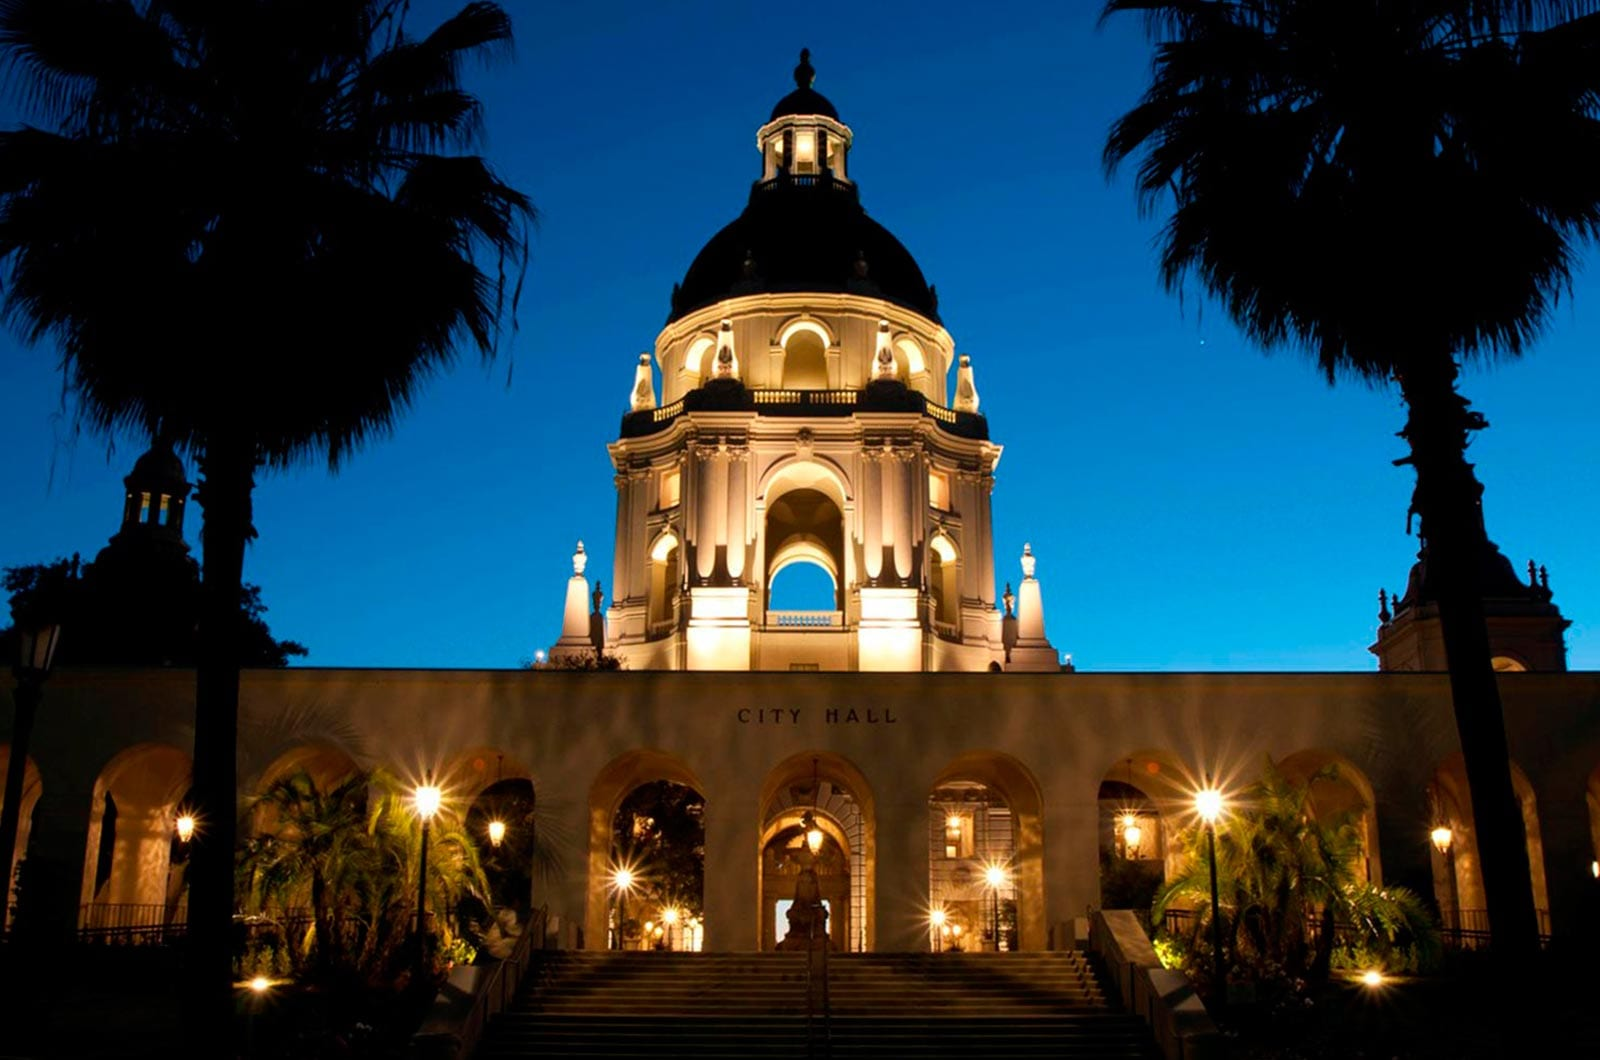 Featured-Image-Pasedena-CA  Pasadena Tour Photographer   Pasadena Aerial Photography Services   Pasadena HDR Real Estate Photographer